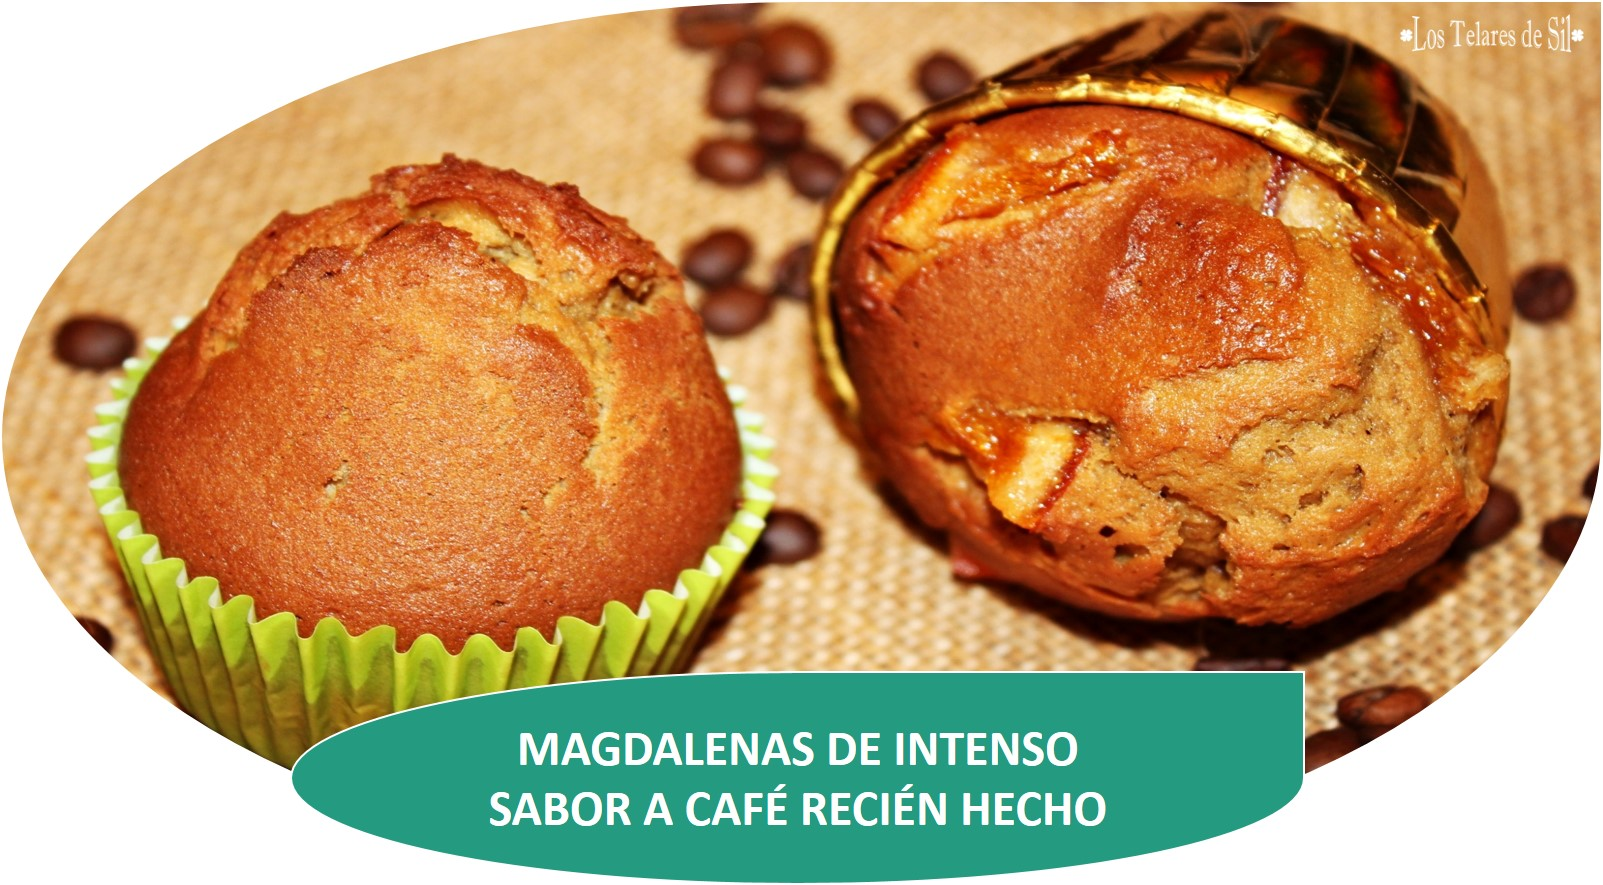 MAGDALENAS DE INTENSO SABOR A CAFÉ RECIÉN HECHO